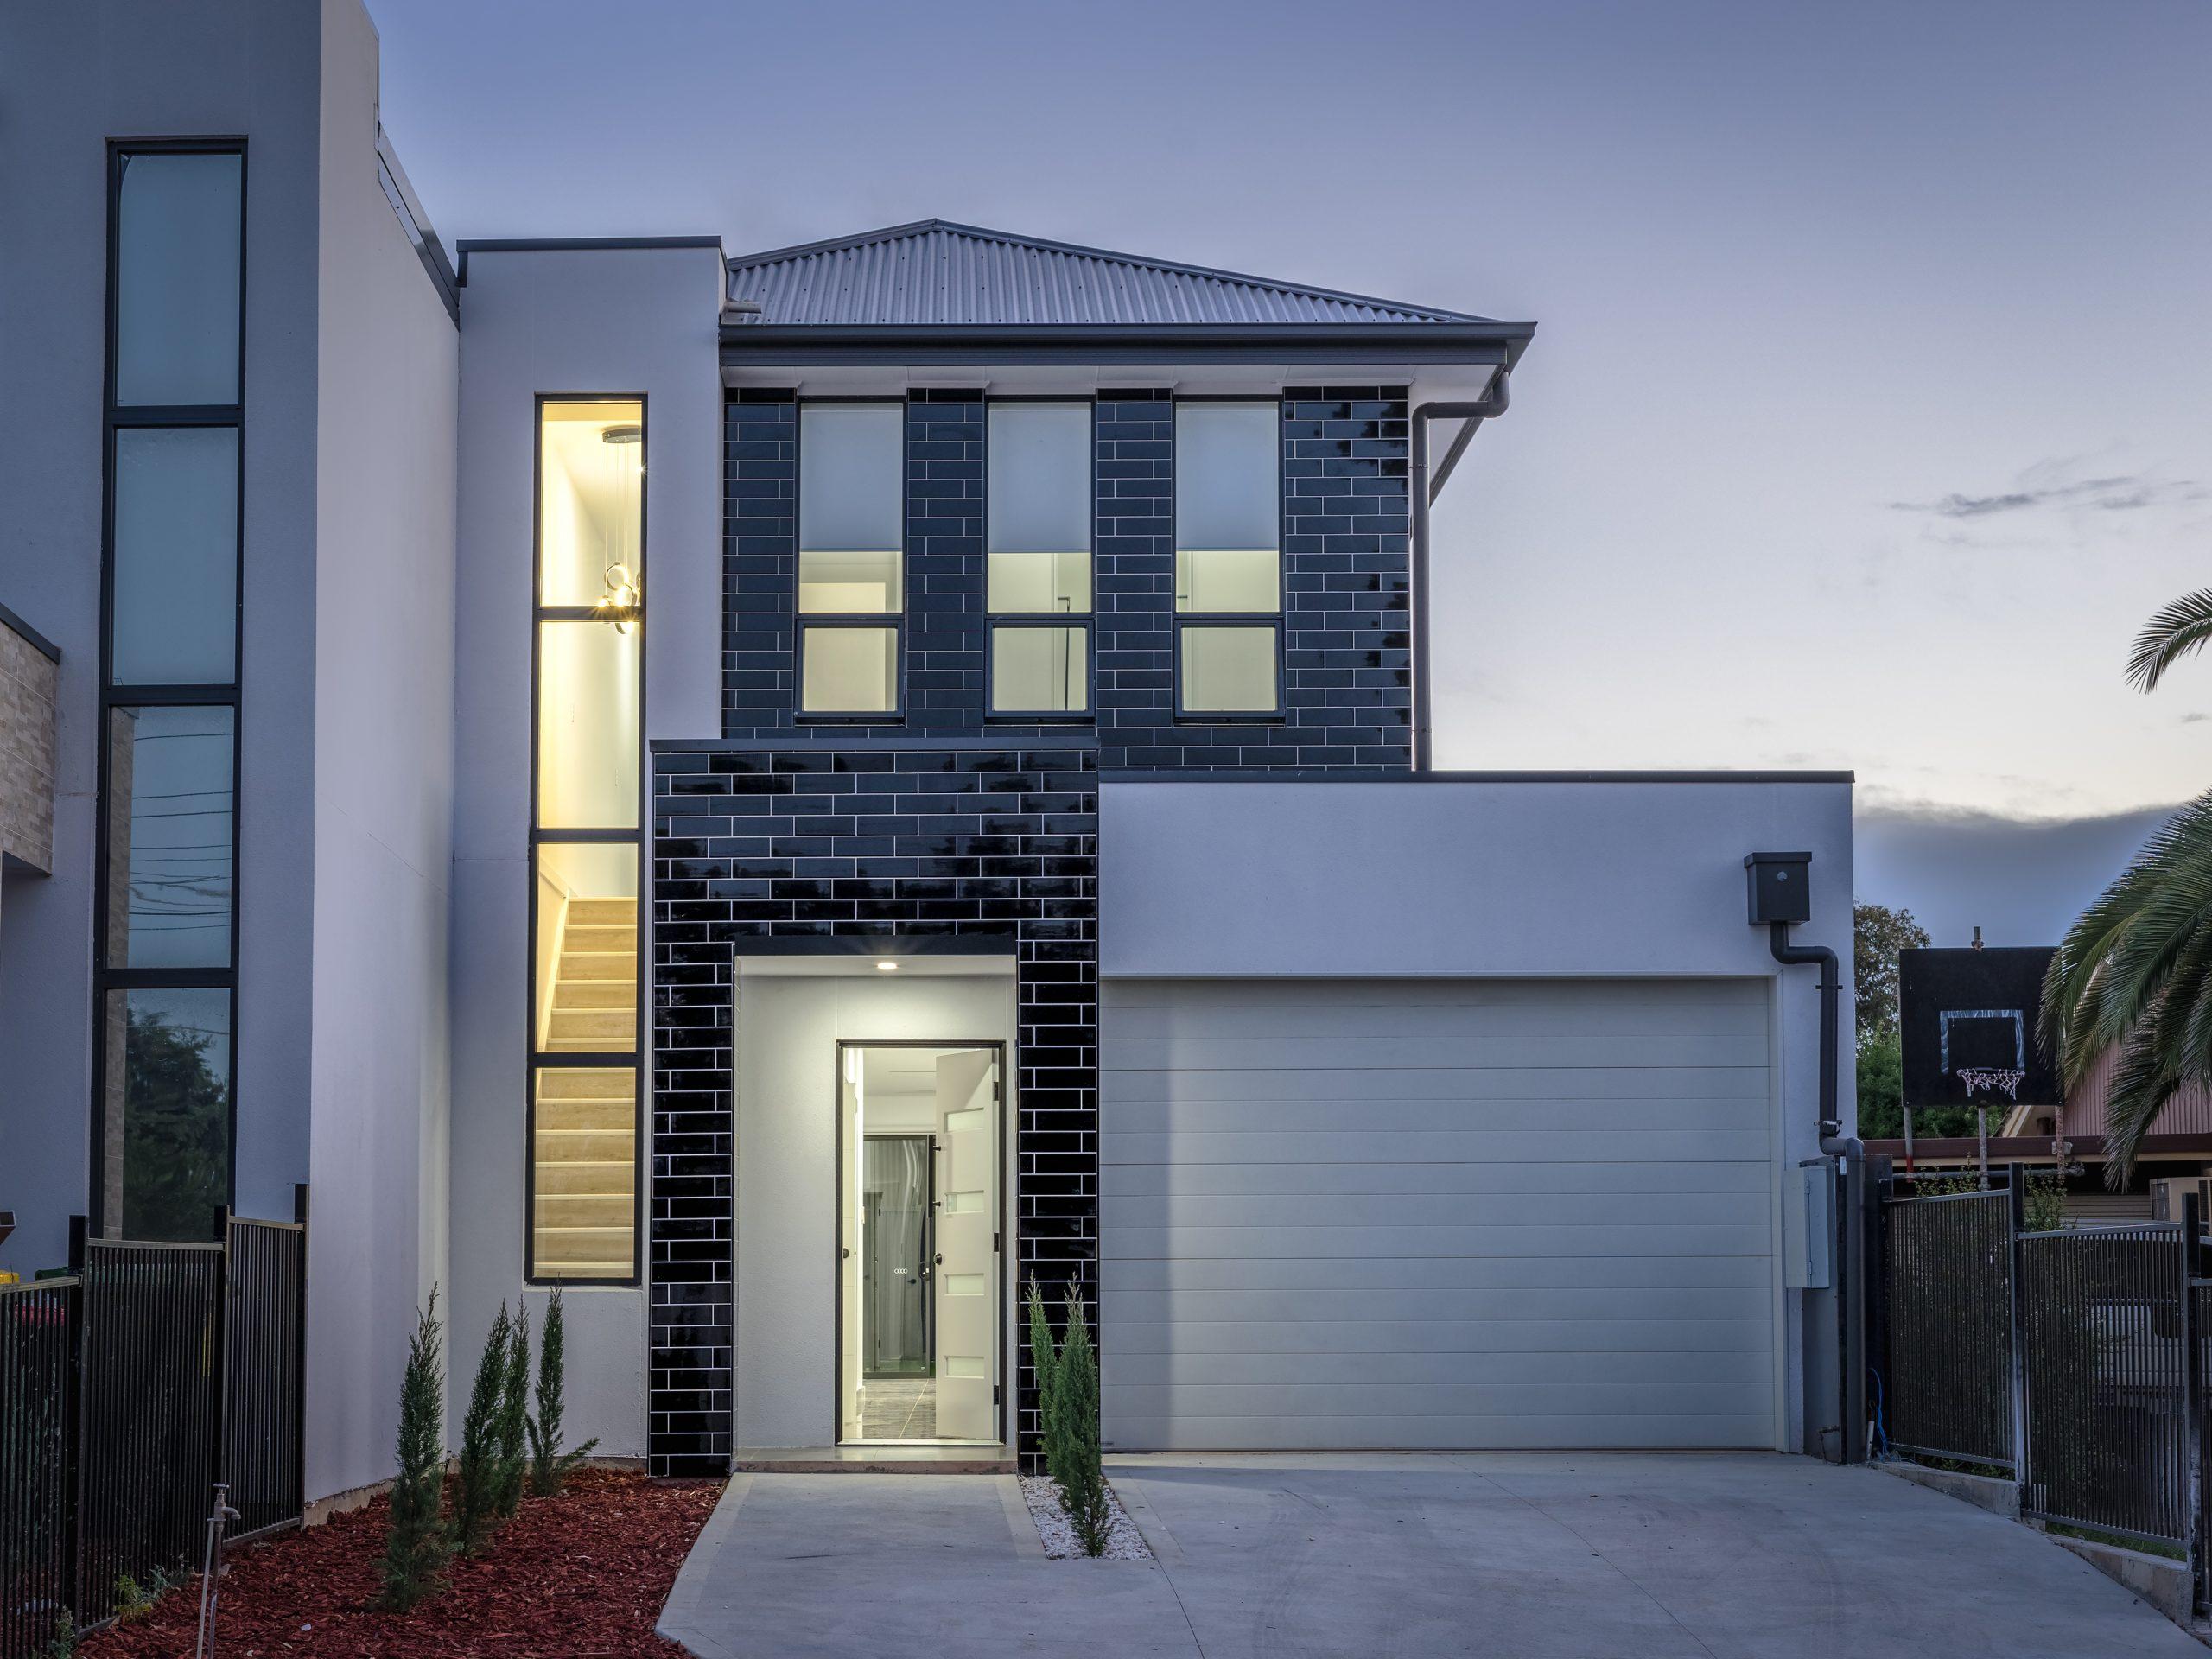 Ingle Farm - Pandanya - HBC Homes Adelaide - DSC00895-HDR-Edit